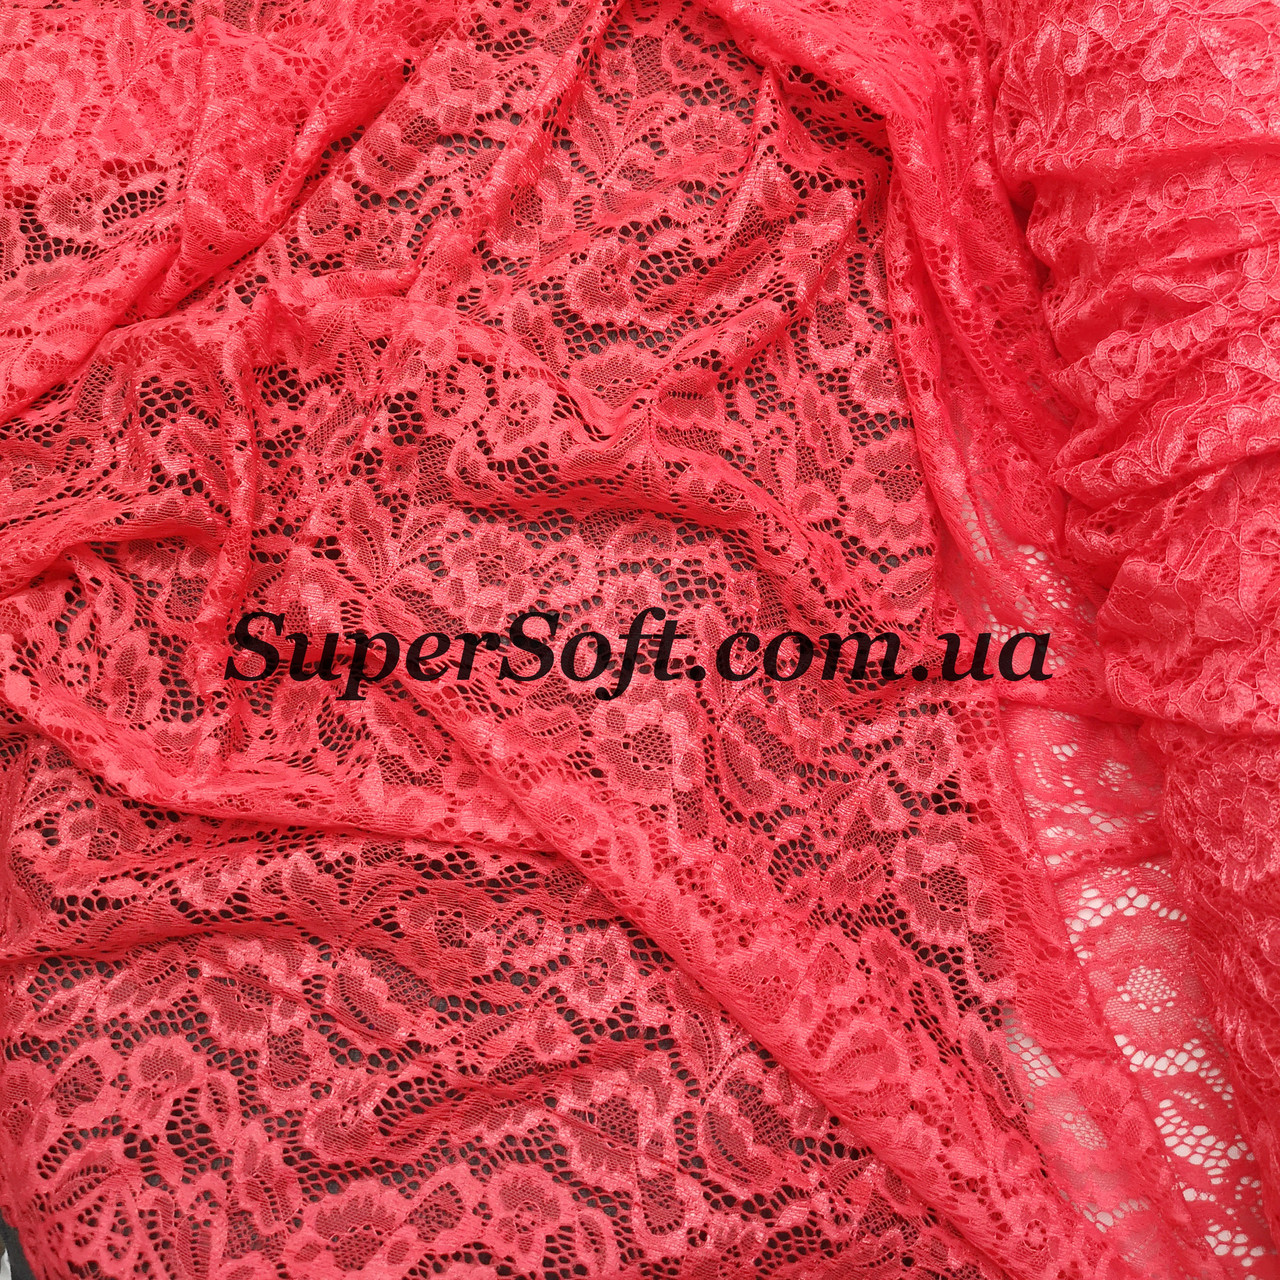 Ткань гипюр Мария коралловый